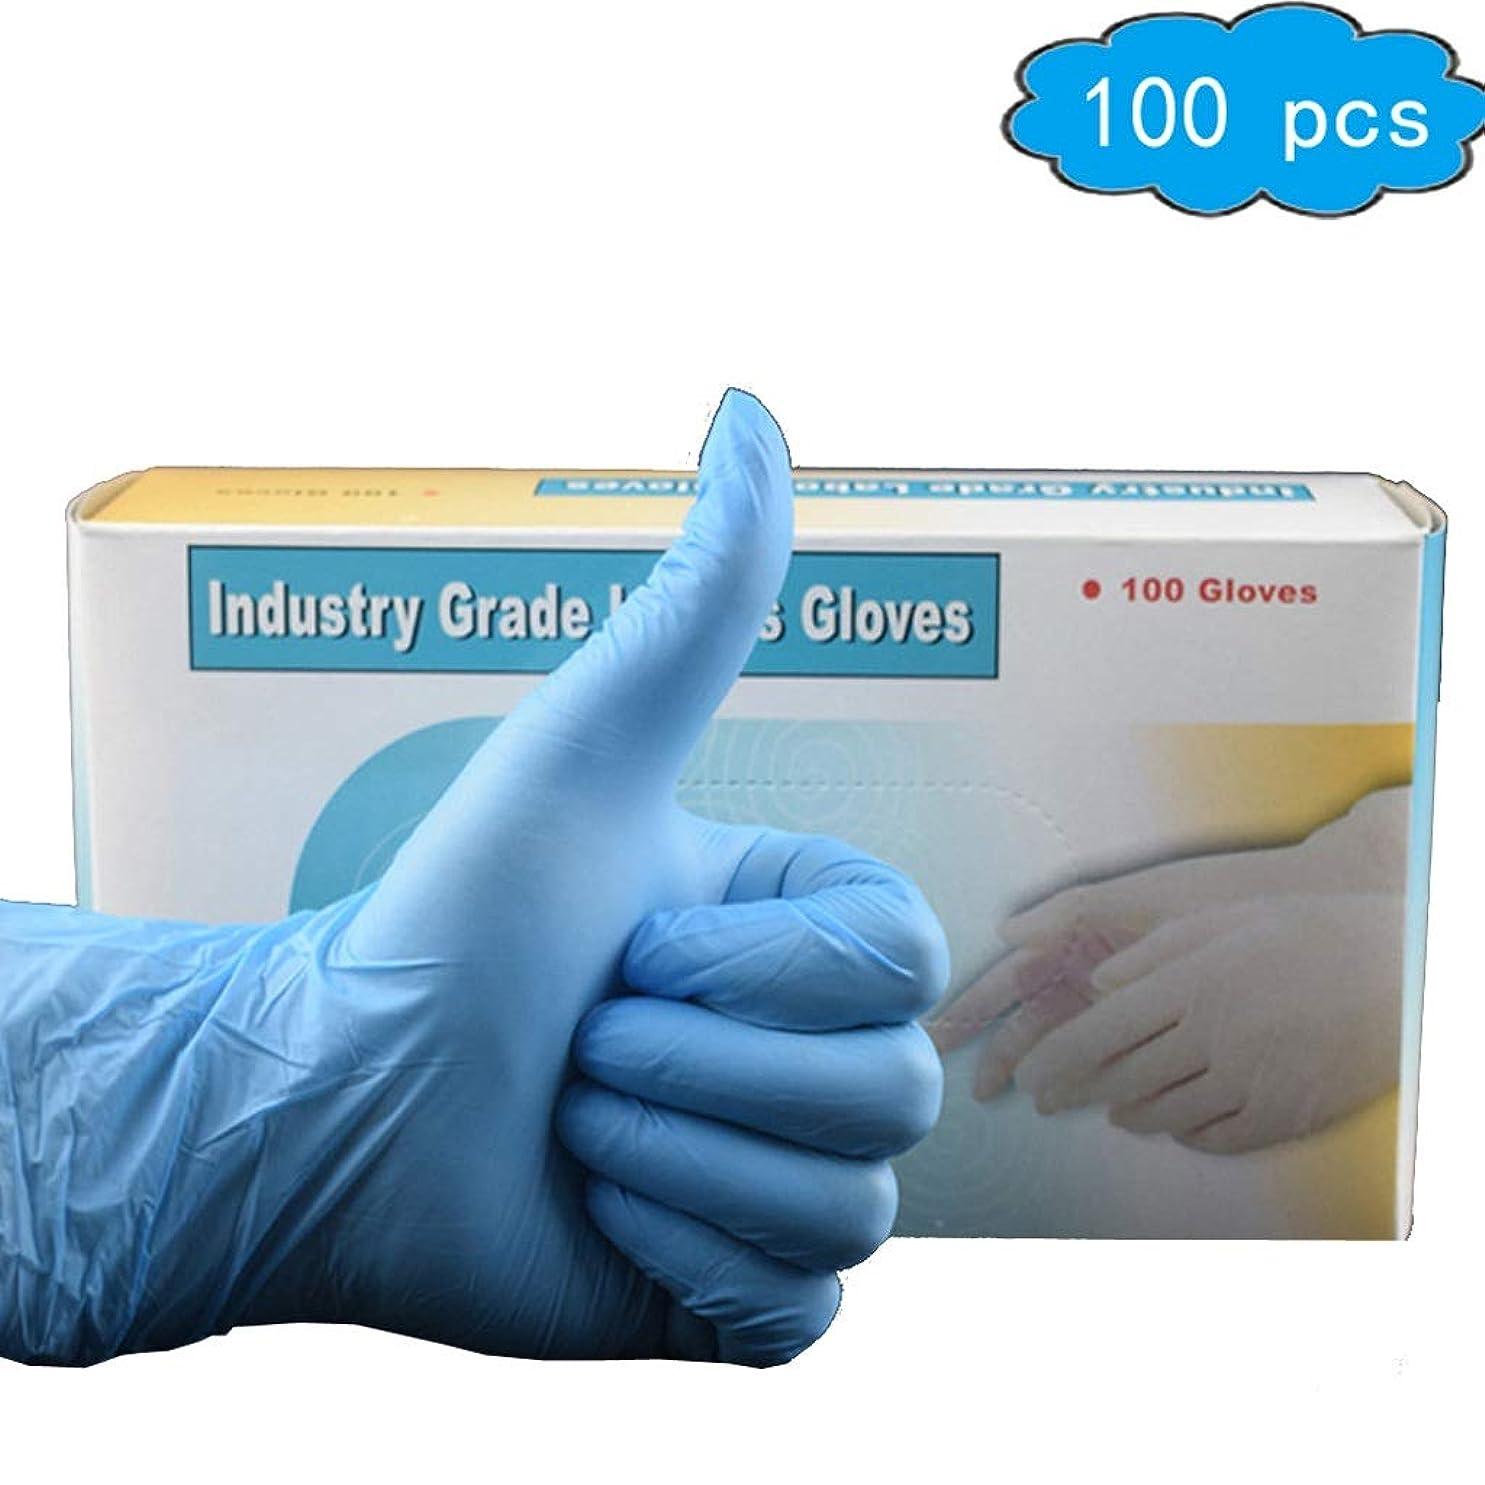 ジェット哀バーベキュー使い捨て手袋、子供用使い捨て手袋、子供用ニトリル手袋 - 粉末なし、ラテックスなし、無臭、食品等級、アレルギー、質感のある指 - 100PCSブルー (Color : Blue, Size : L)